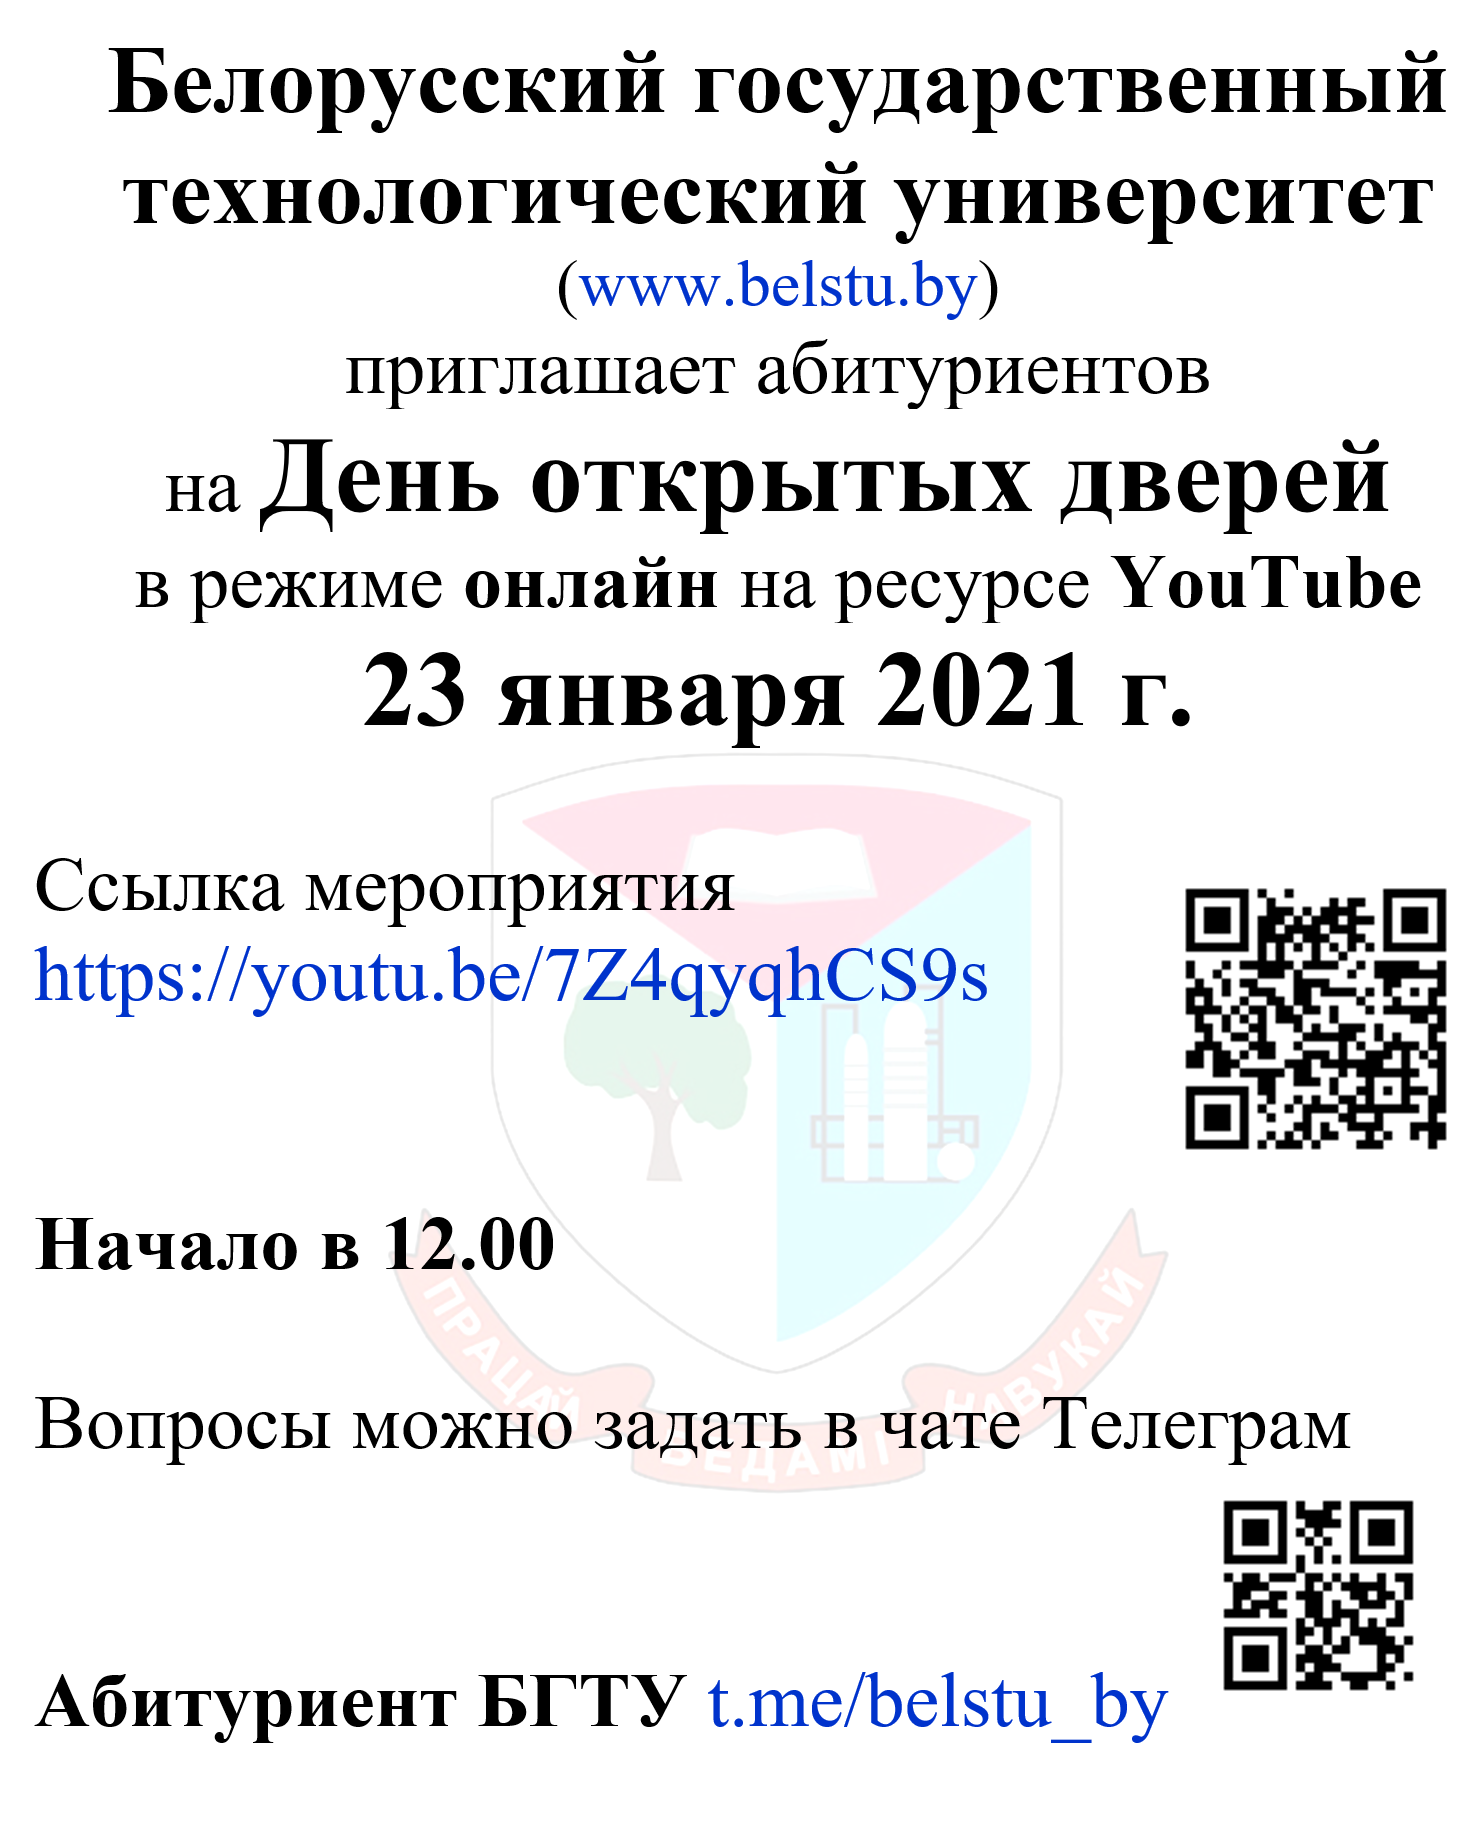 Белорусский государственный технологический университет приглашает абитуриентов на День открытых дверей